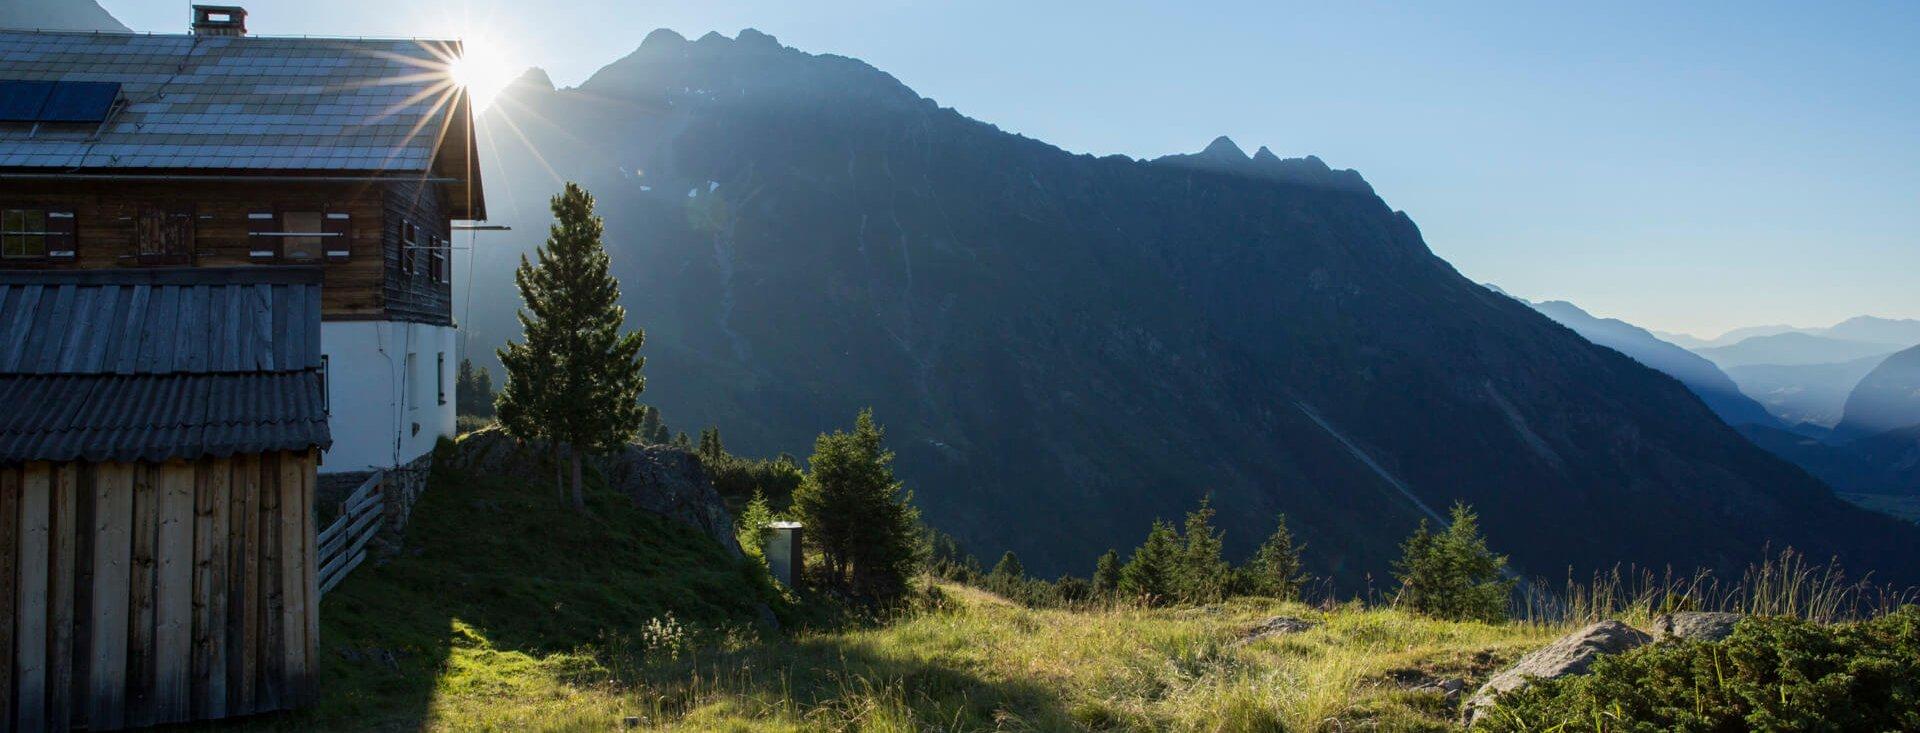 Hahlkogelhaus, Oetztaler Alpen, Tirol, Oesterreich.